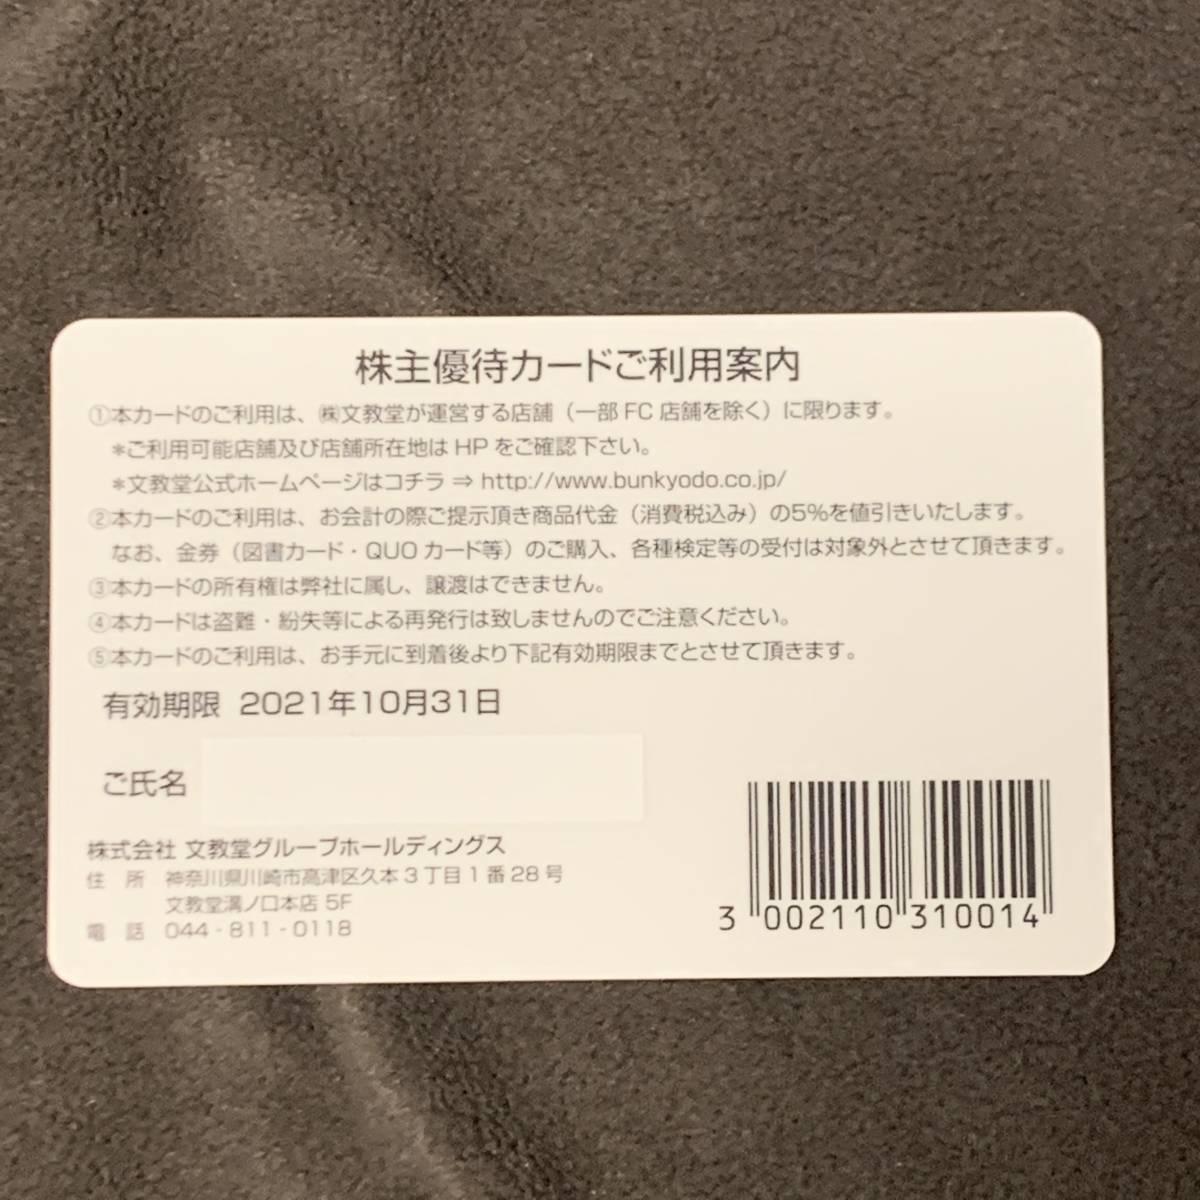 【最新】 文教堂 株主優待 5%off 2021年10月31日まで 送料63円~_画像3